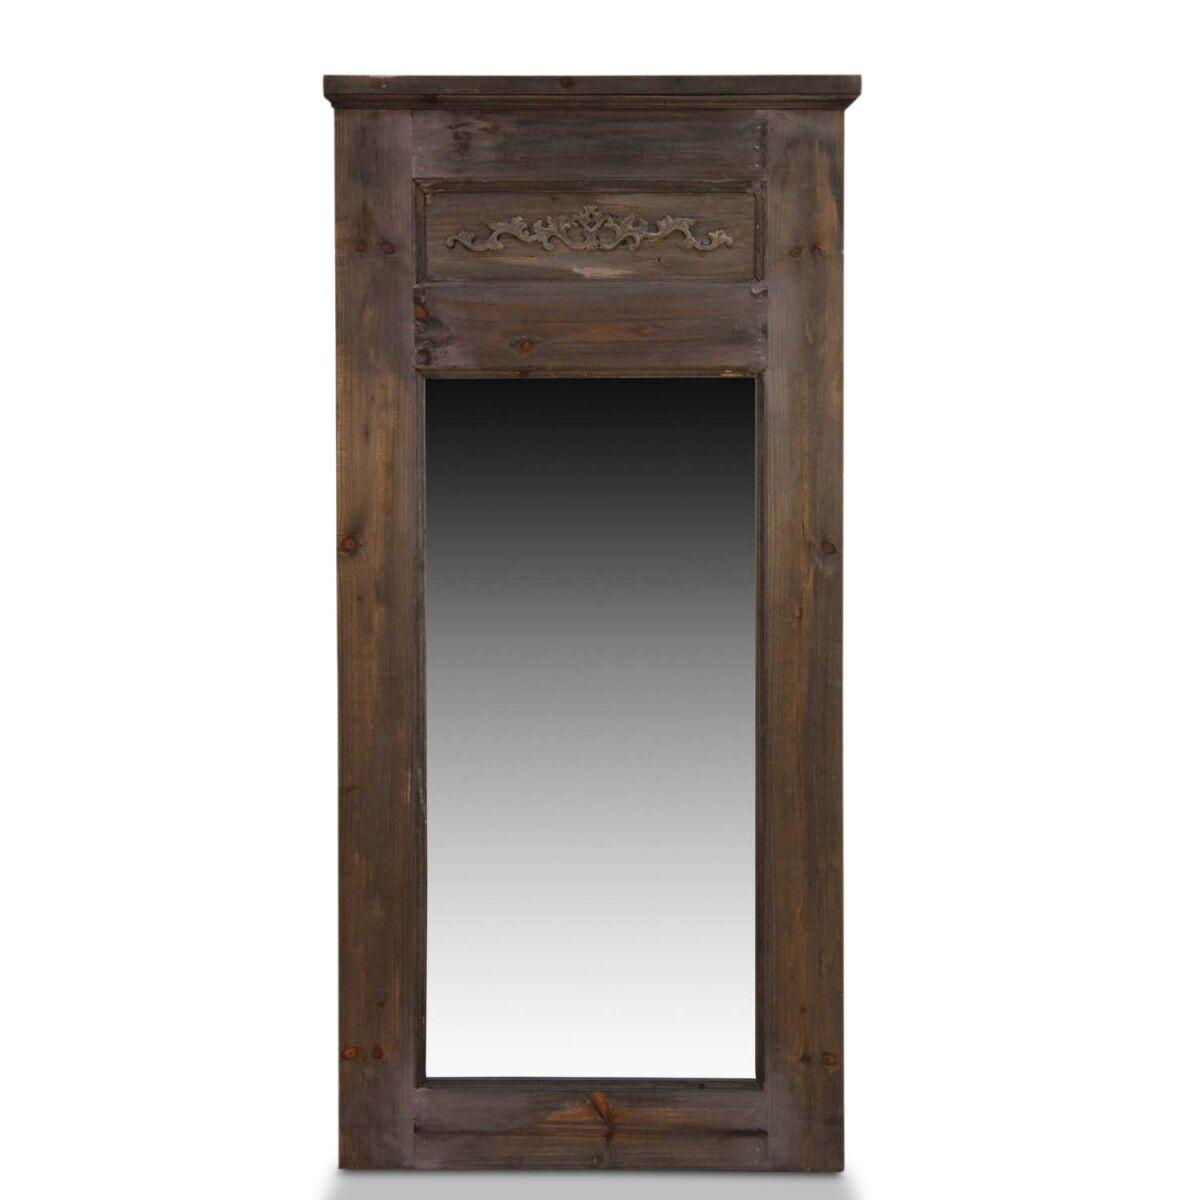 Grand Miroir Ancien Rectangulaire Vertical Bois 58x4x118cm - Marron